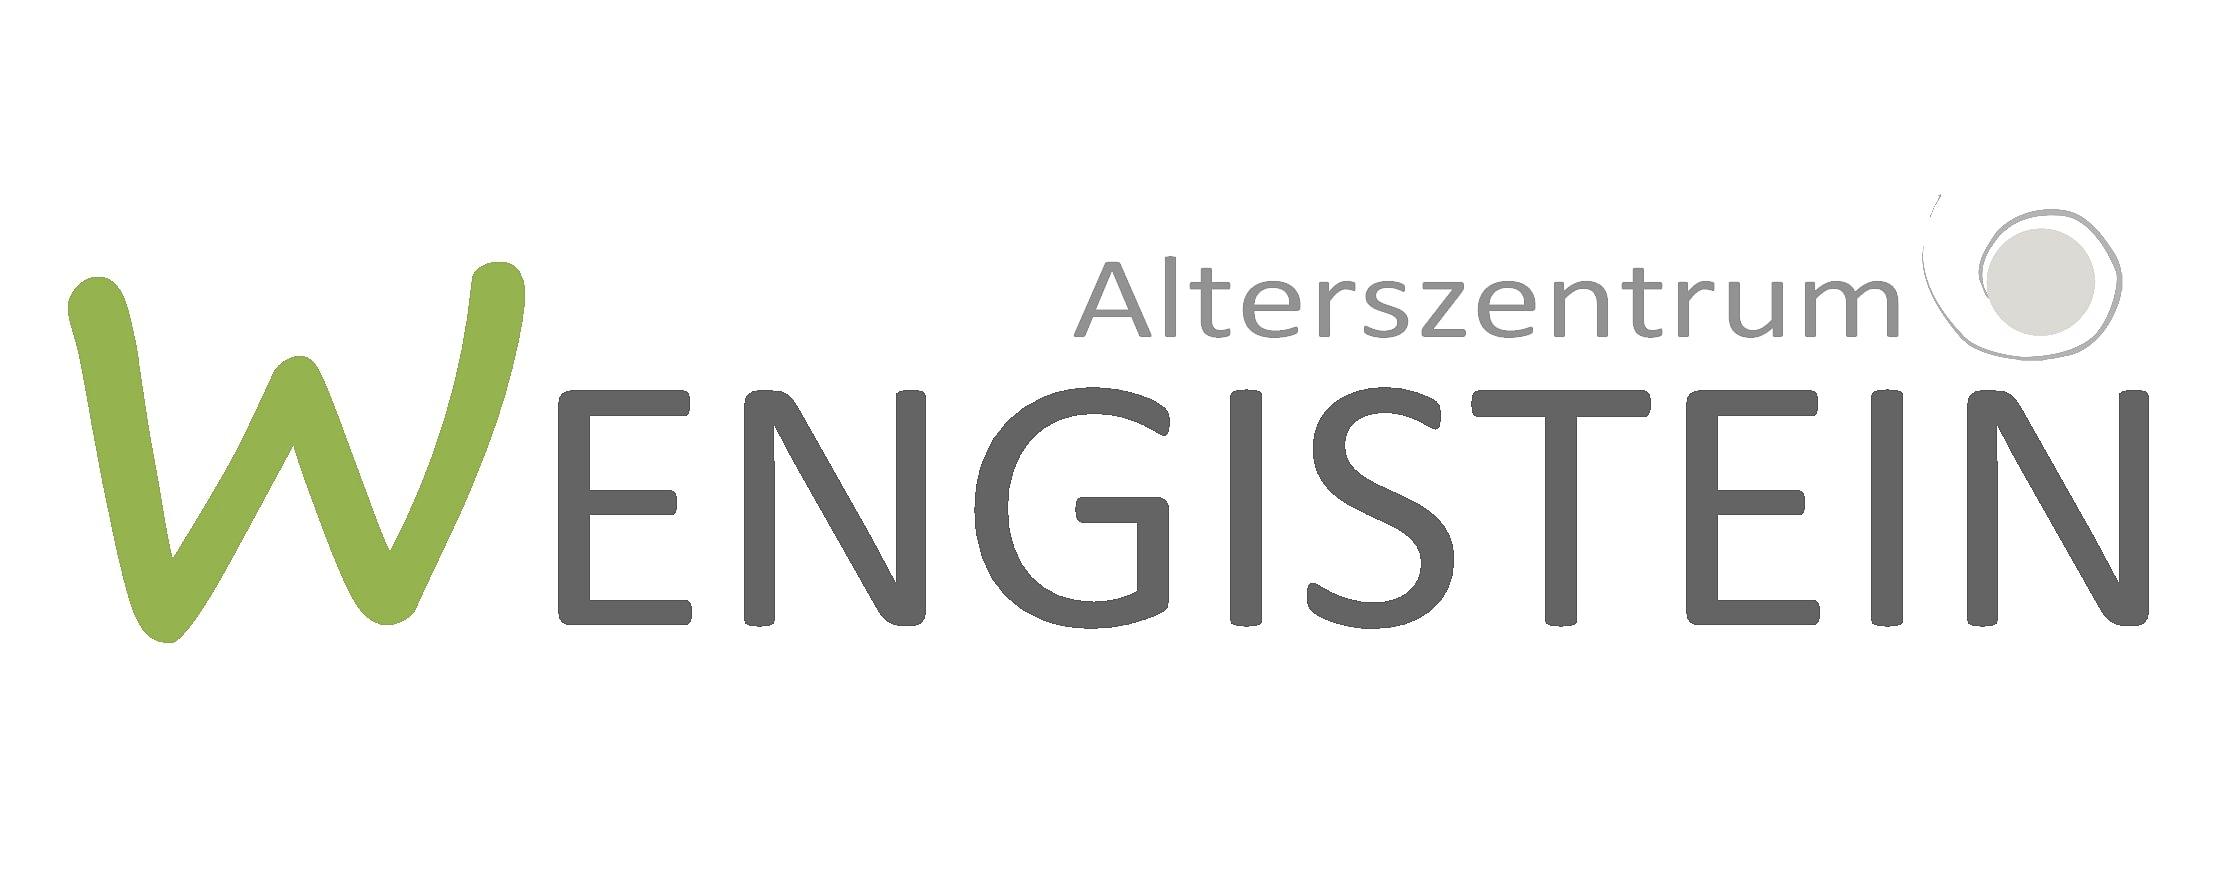 Alterszentrum Wengistein